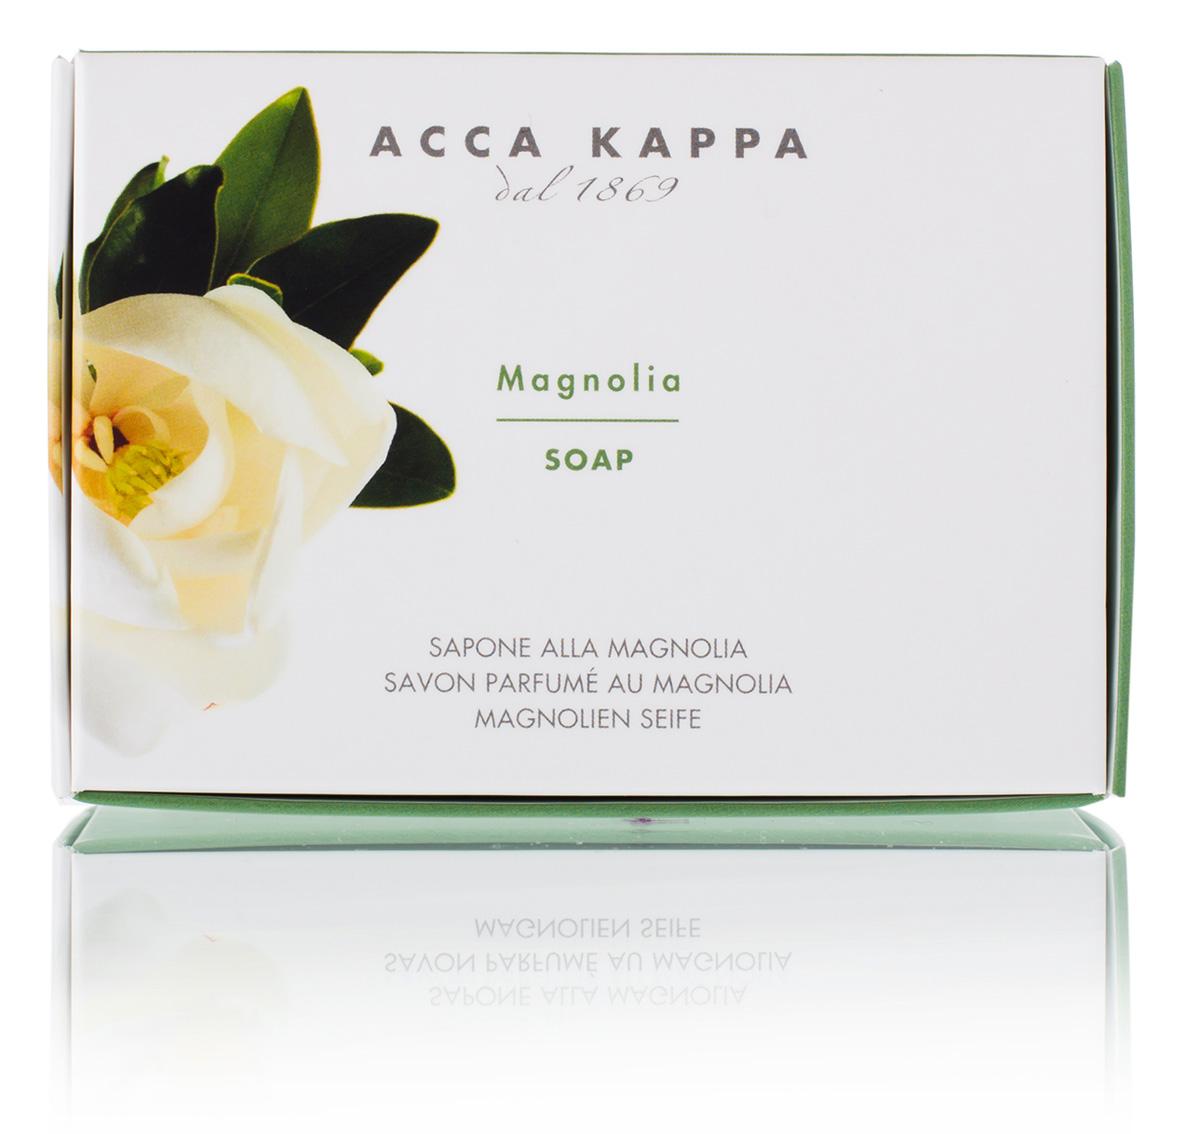 Acca Kappa Мыло туалетное Магнолия 150 гр853318Мыло создано с использованием традиционных методов из сырья исключительно растительного происхождения.